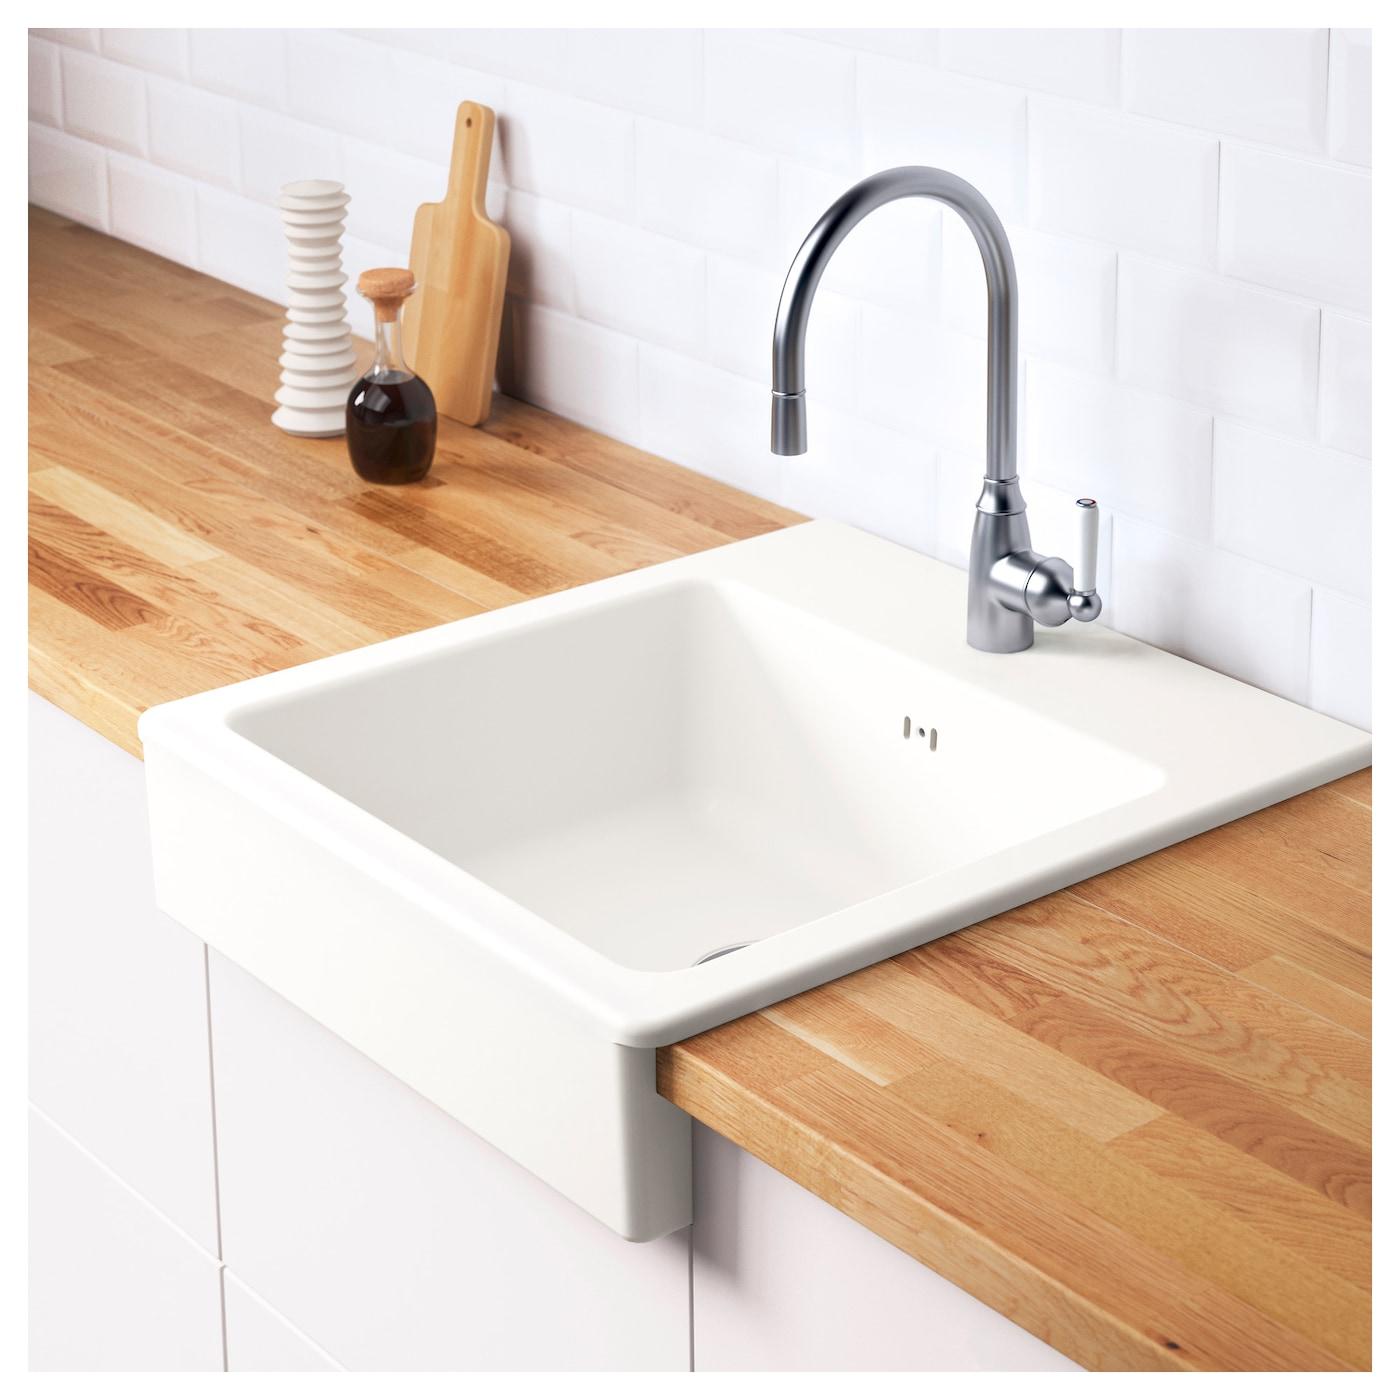 domsj onset sink 1 bowl white 62 x 66 cm ikea. Black Bedroom Furniture Sets. Home Design Ideas